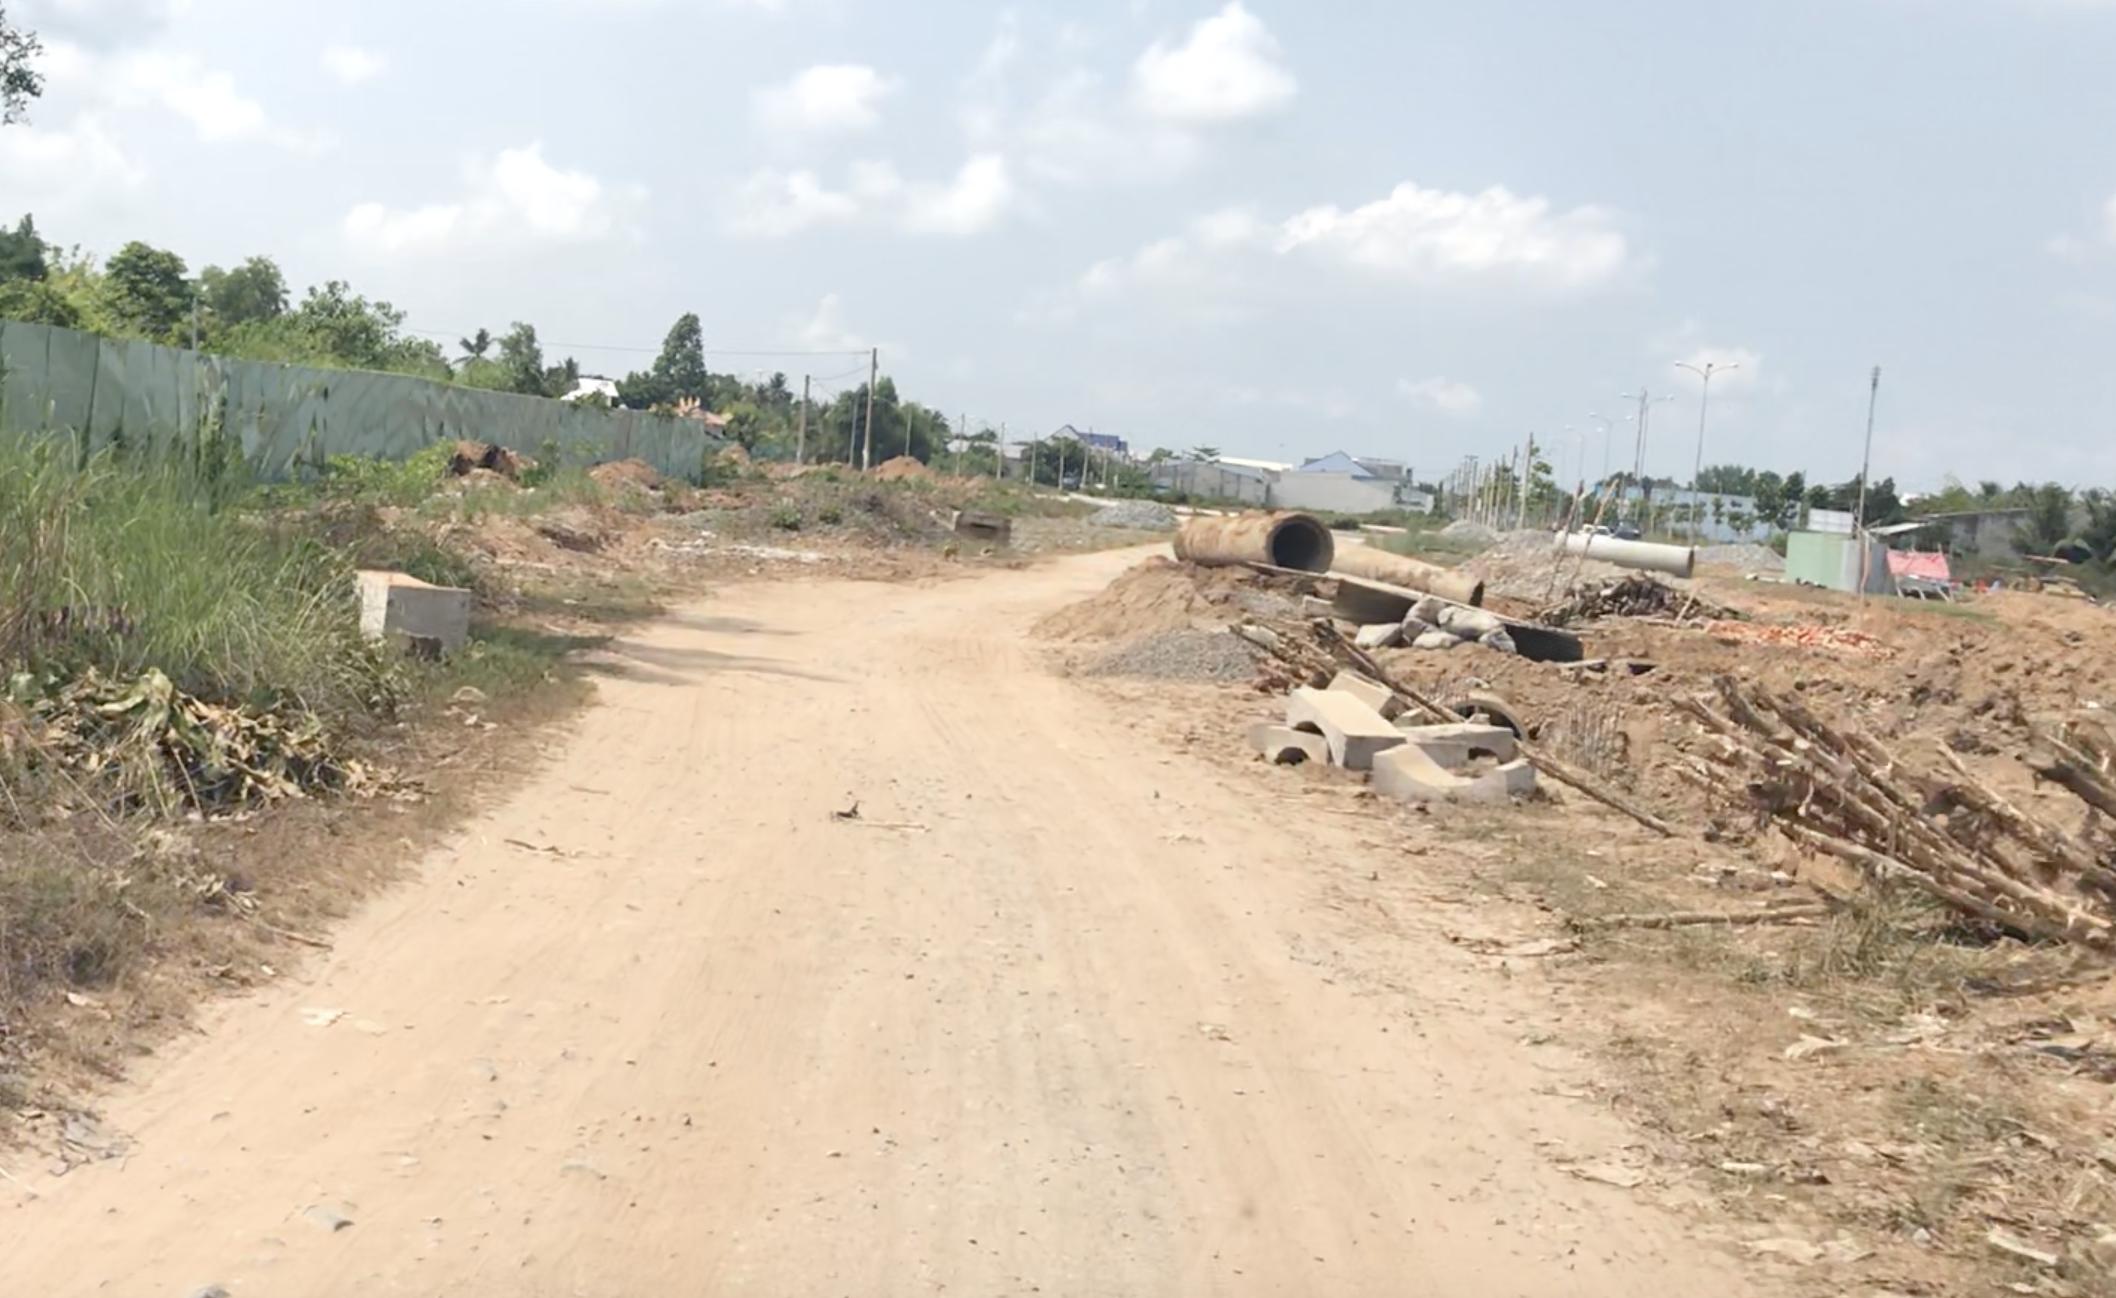 Đầu nối đường 19-4 vào dự án Vĩnh long new town